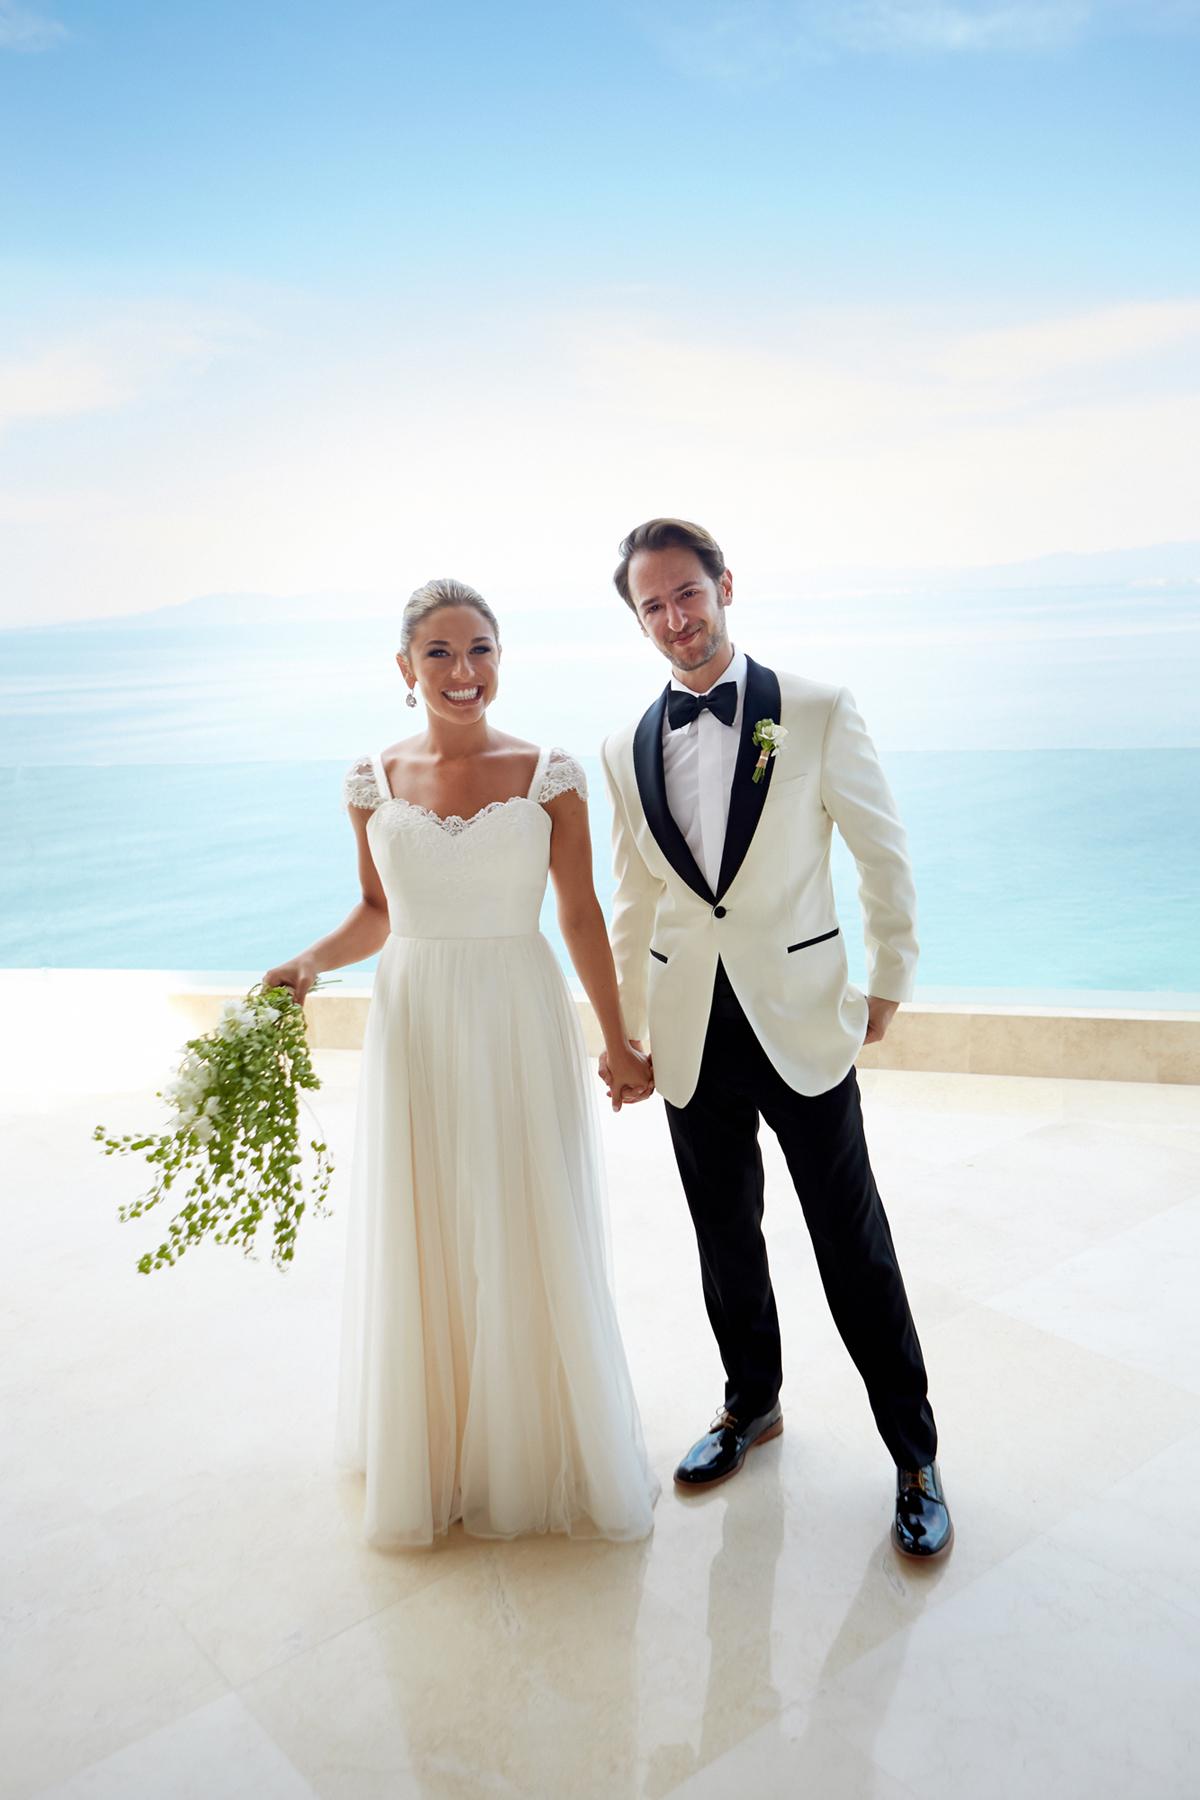 Bride and groom in destination wedding attire Mexico wedding ideas